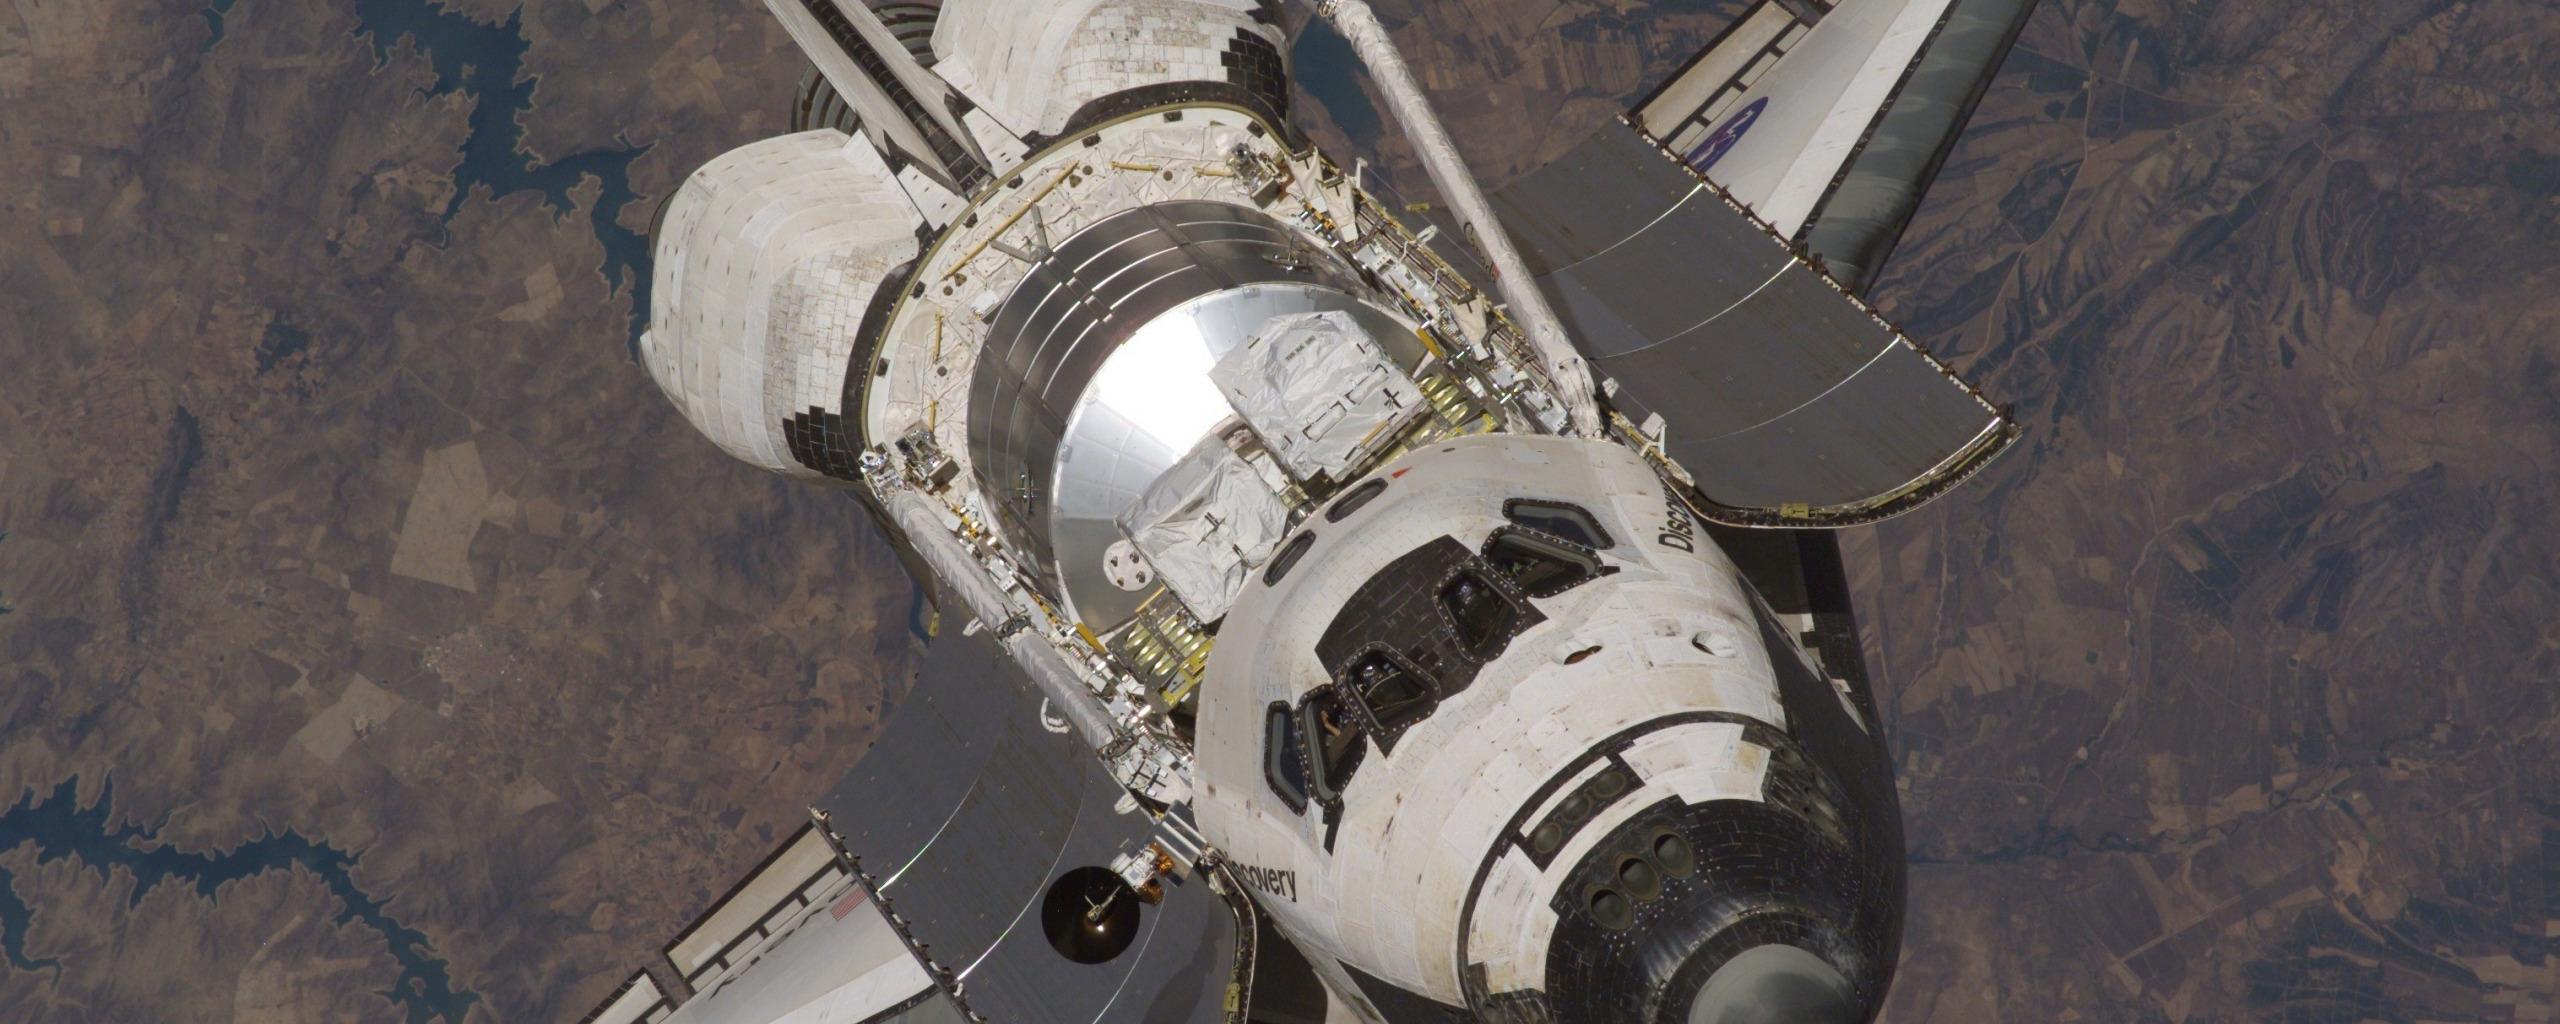 этом обломки шаттла в космосе фото марсиан